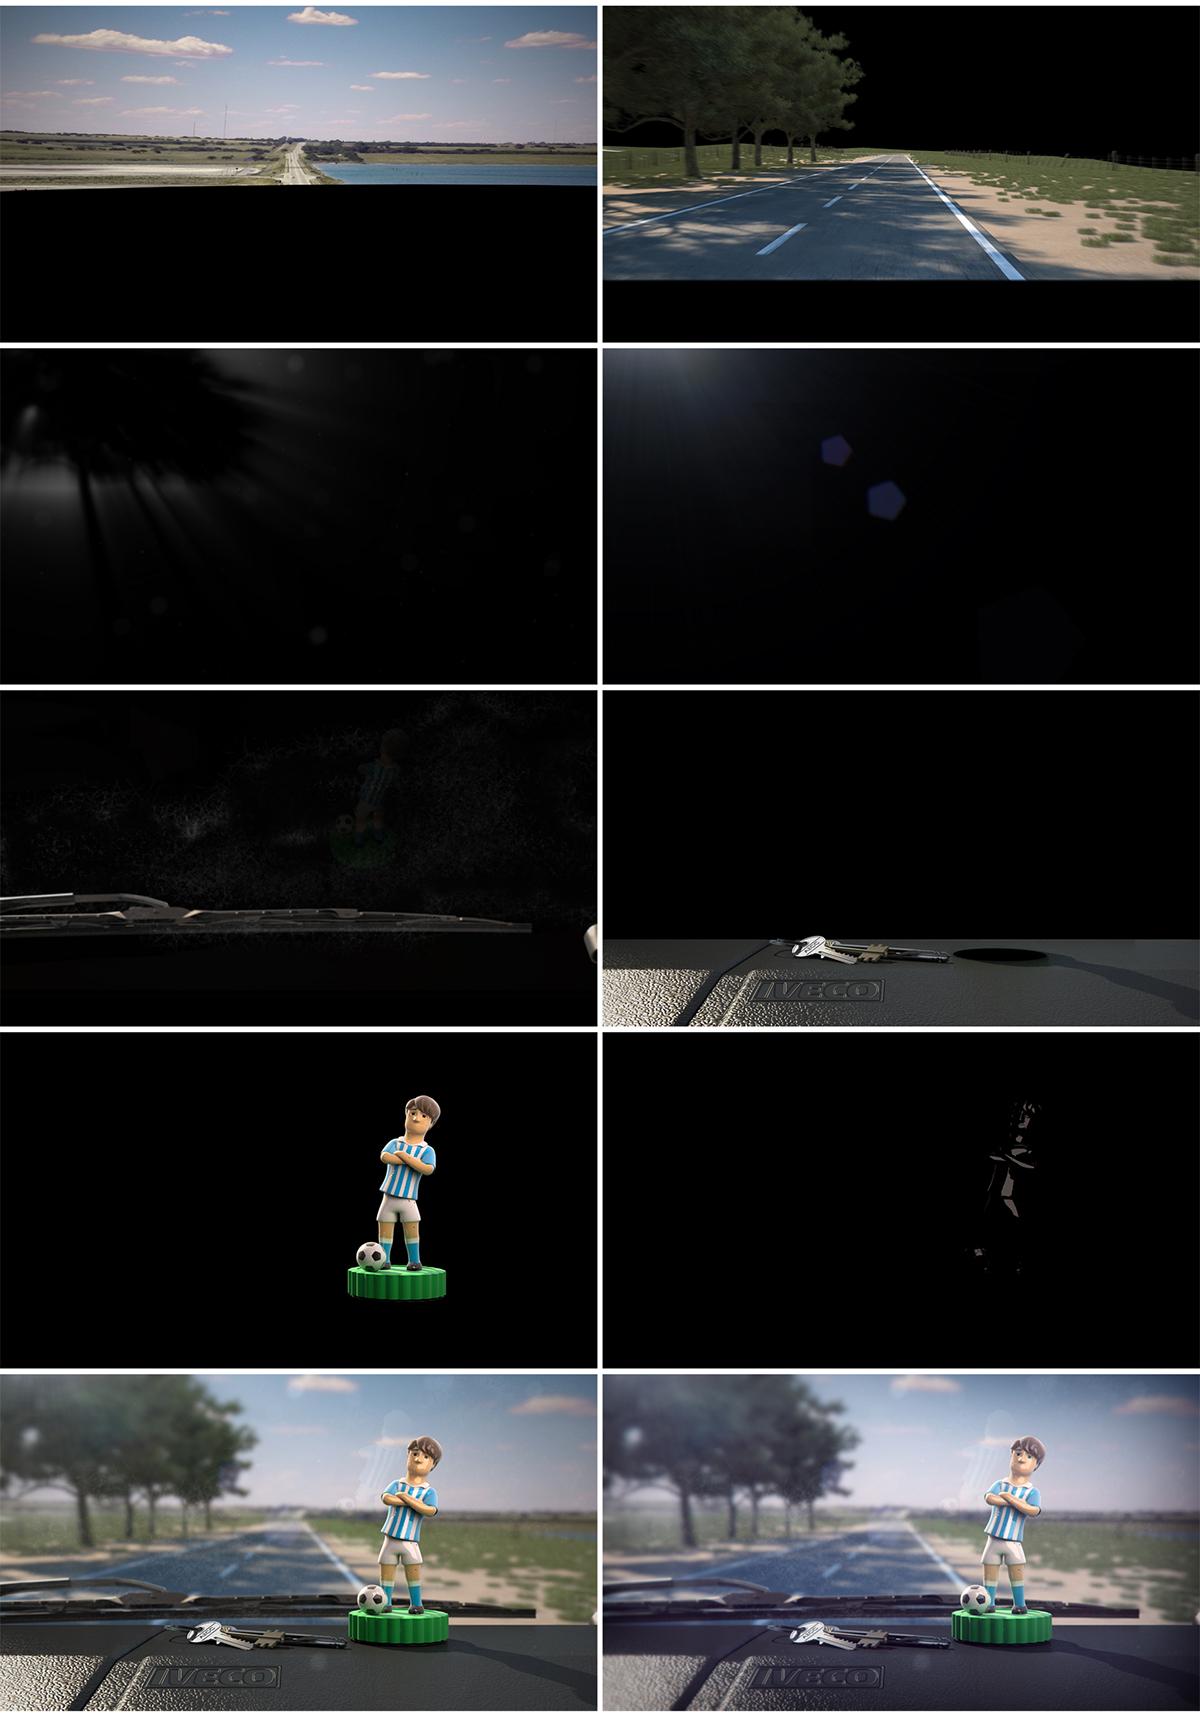 futbo IVECO river boca Racing san lorenzo independiente Ruta animation  3D